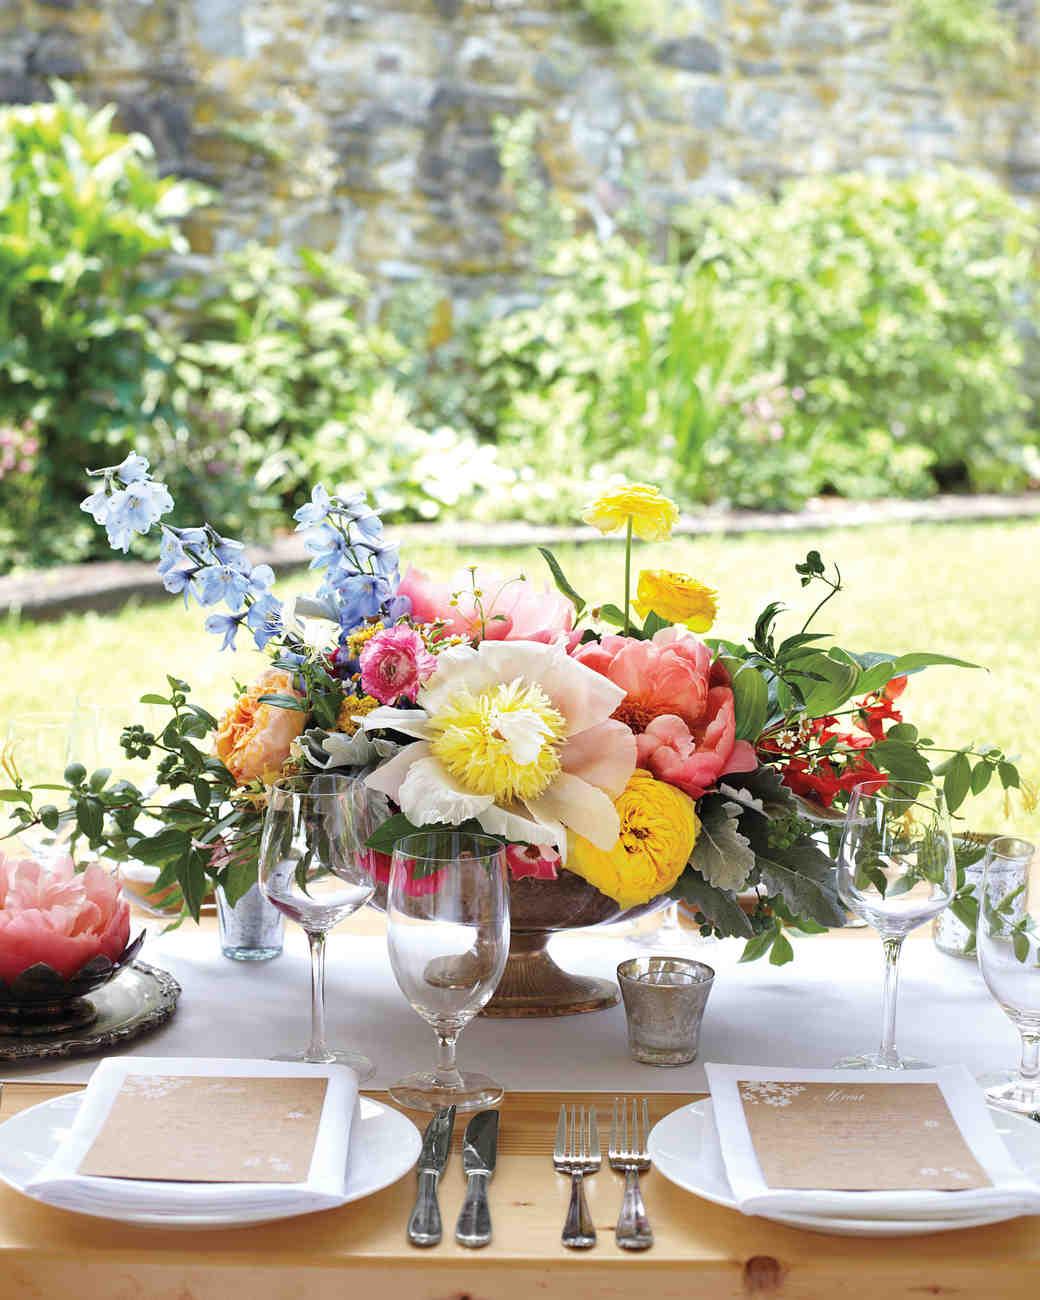 40 of our favorite floral wedding centerpieces martha stewart weddings rh marthastewartweddings com wedding table centerpieces no flowers wedding table centerpieces no flowers